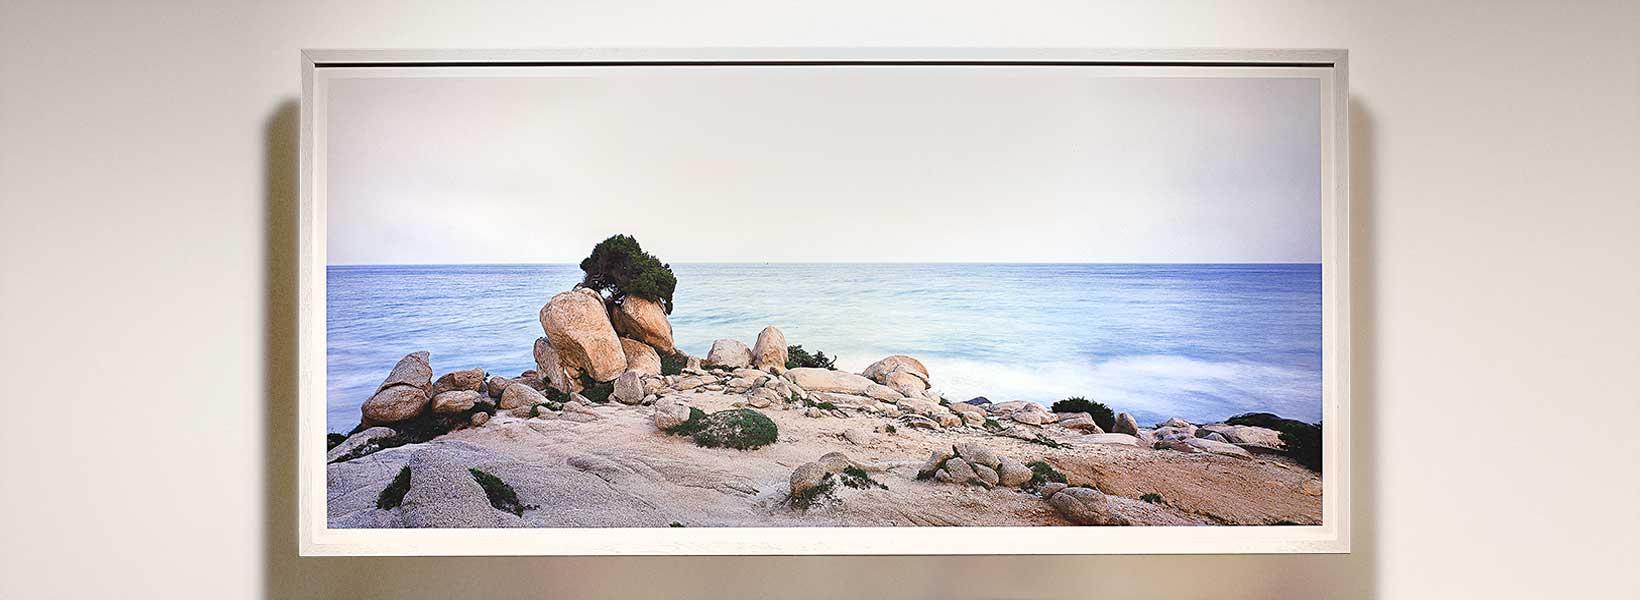 Porto Giunco Ginepro 2006 / 150 x 70 cm / Luca Tamagnini Catalogo 2006-003